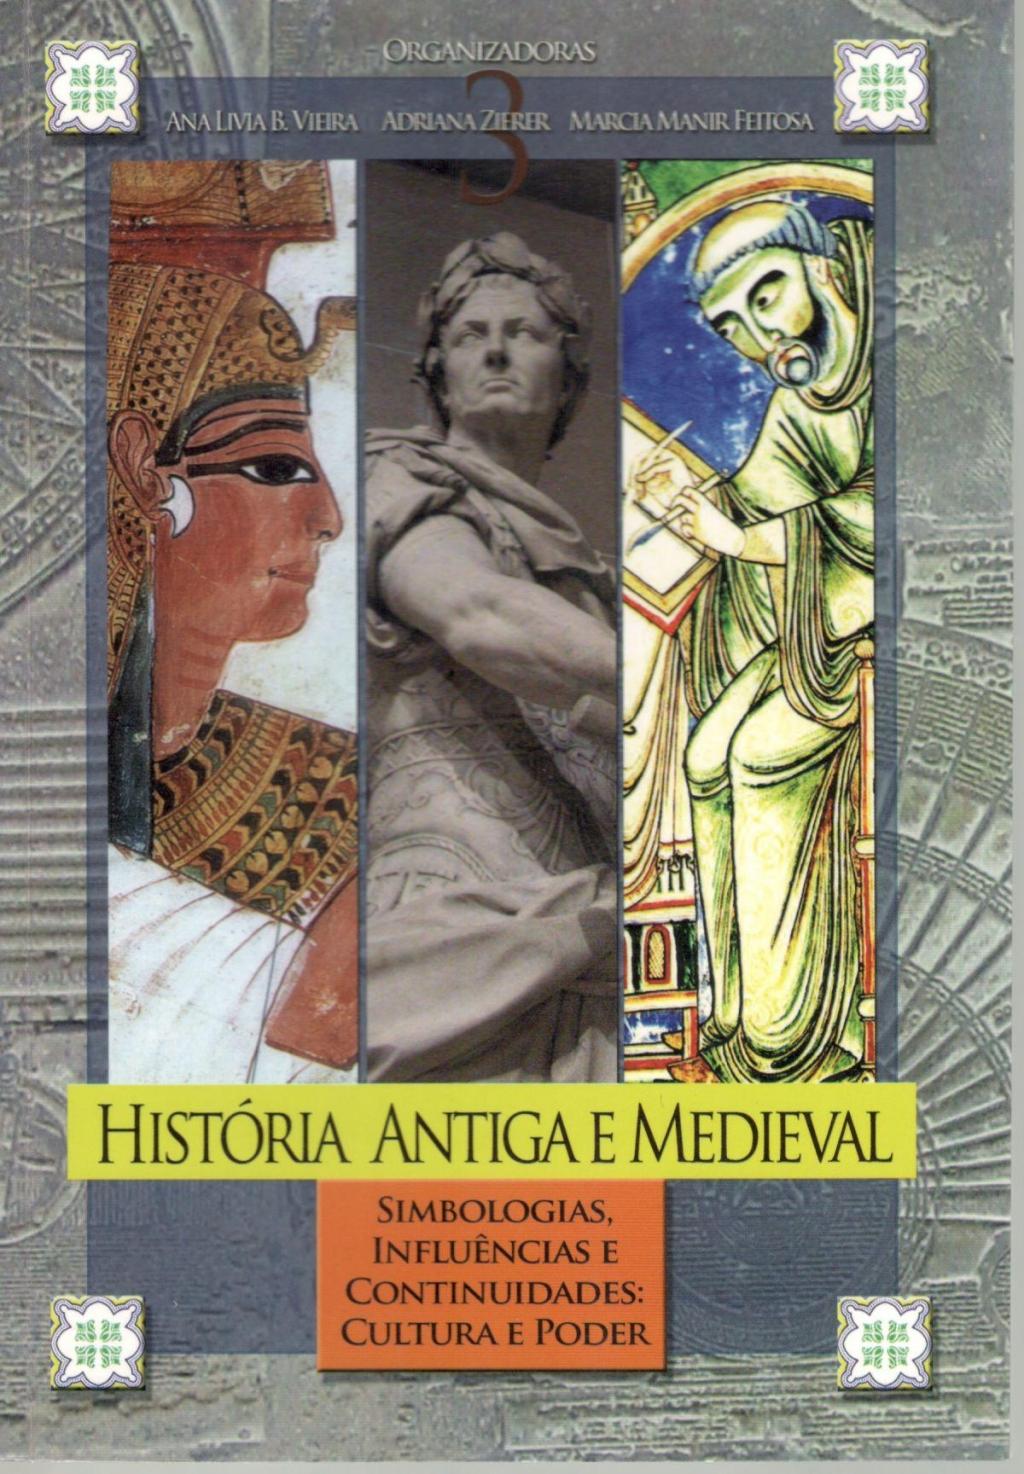 HISTÓRIA ANTIGA E MEDIEVAL  Vol III (Esgotado)